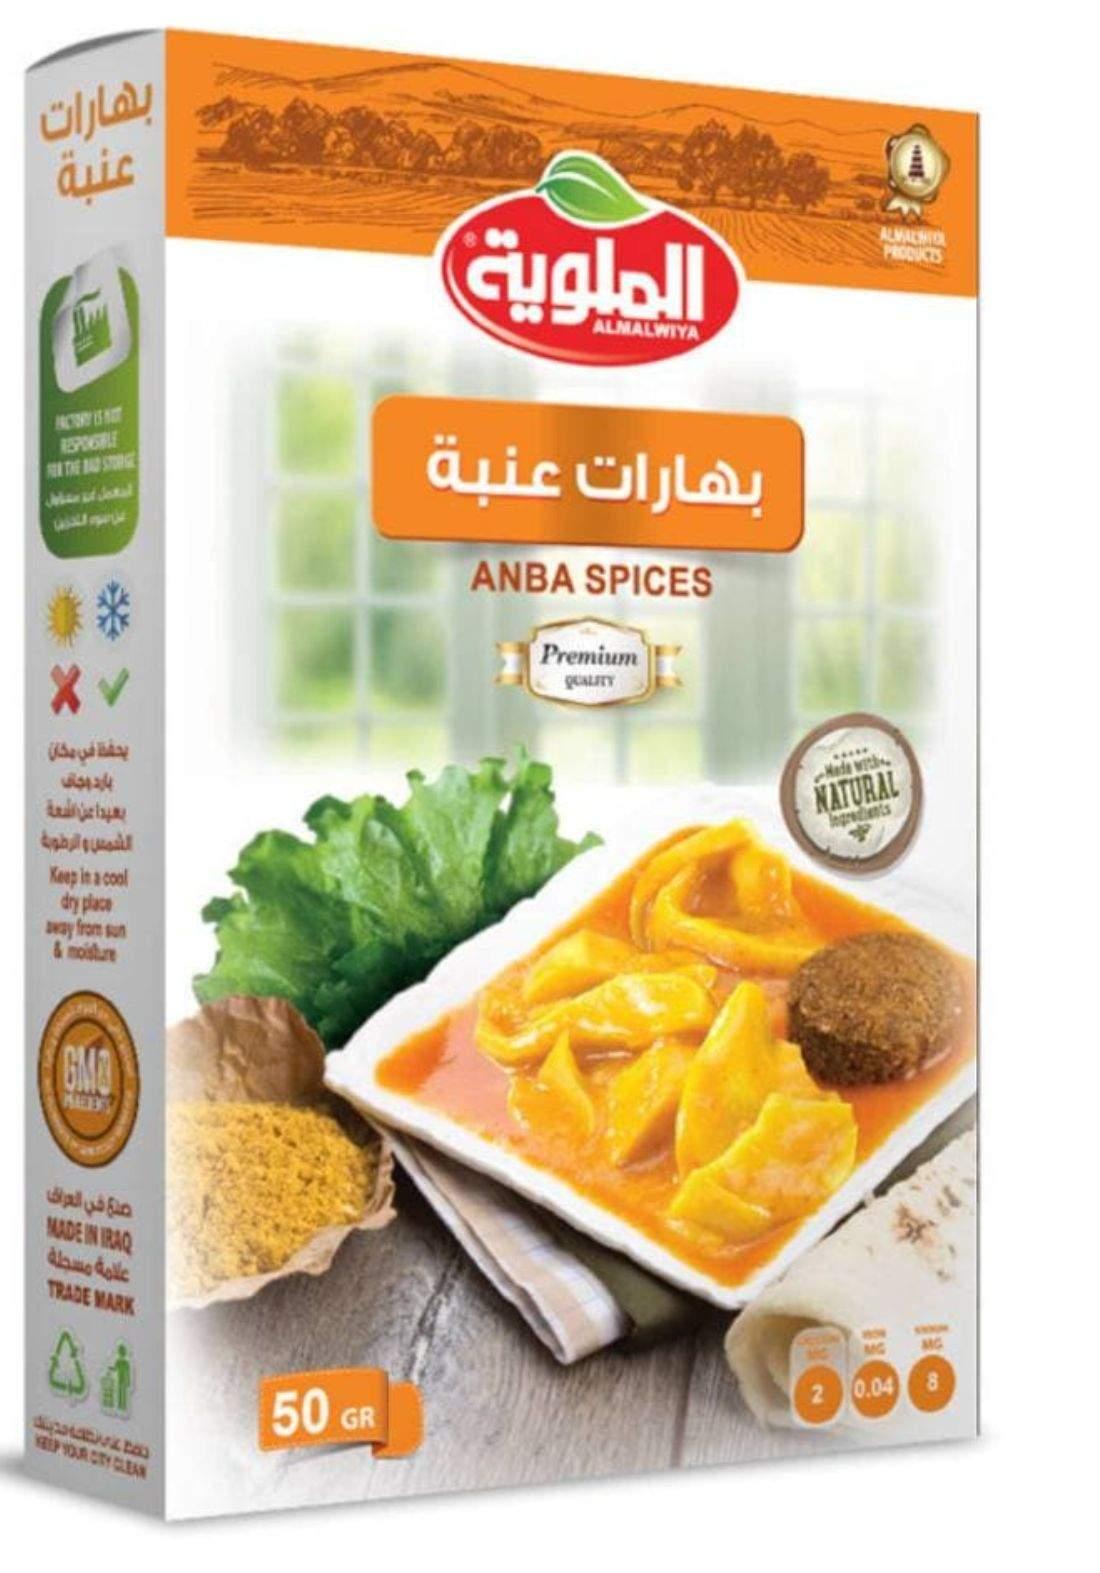 Anba spices 50g الملوية بهارات عنبة